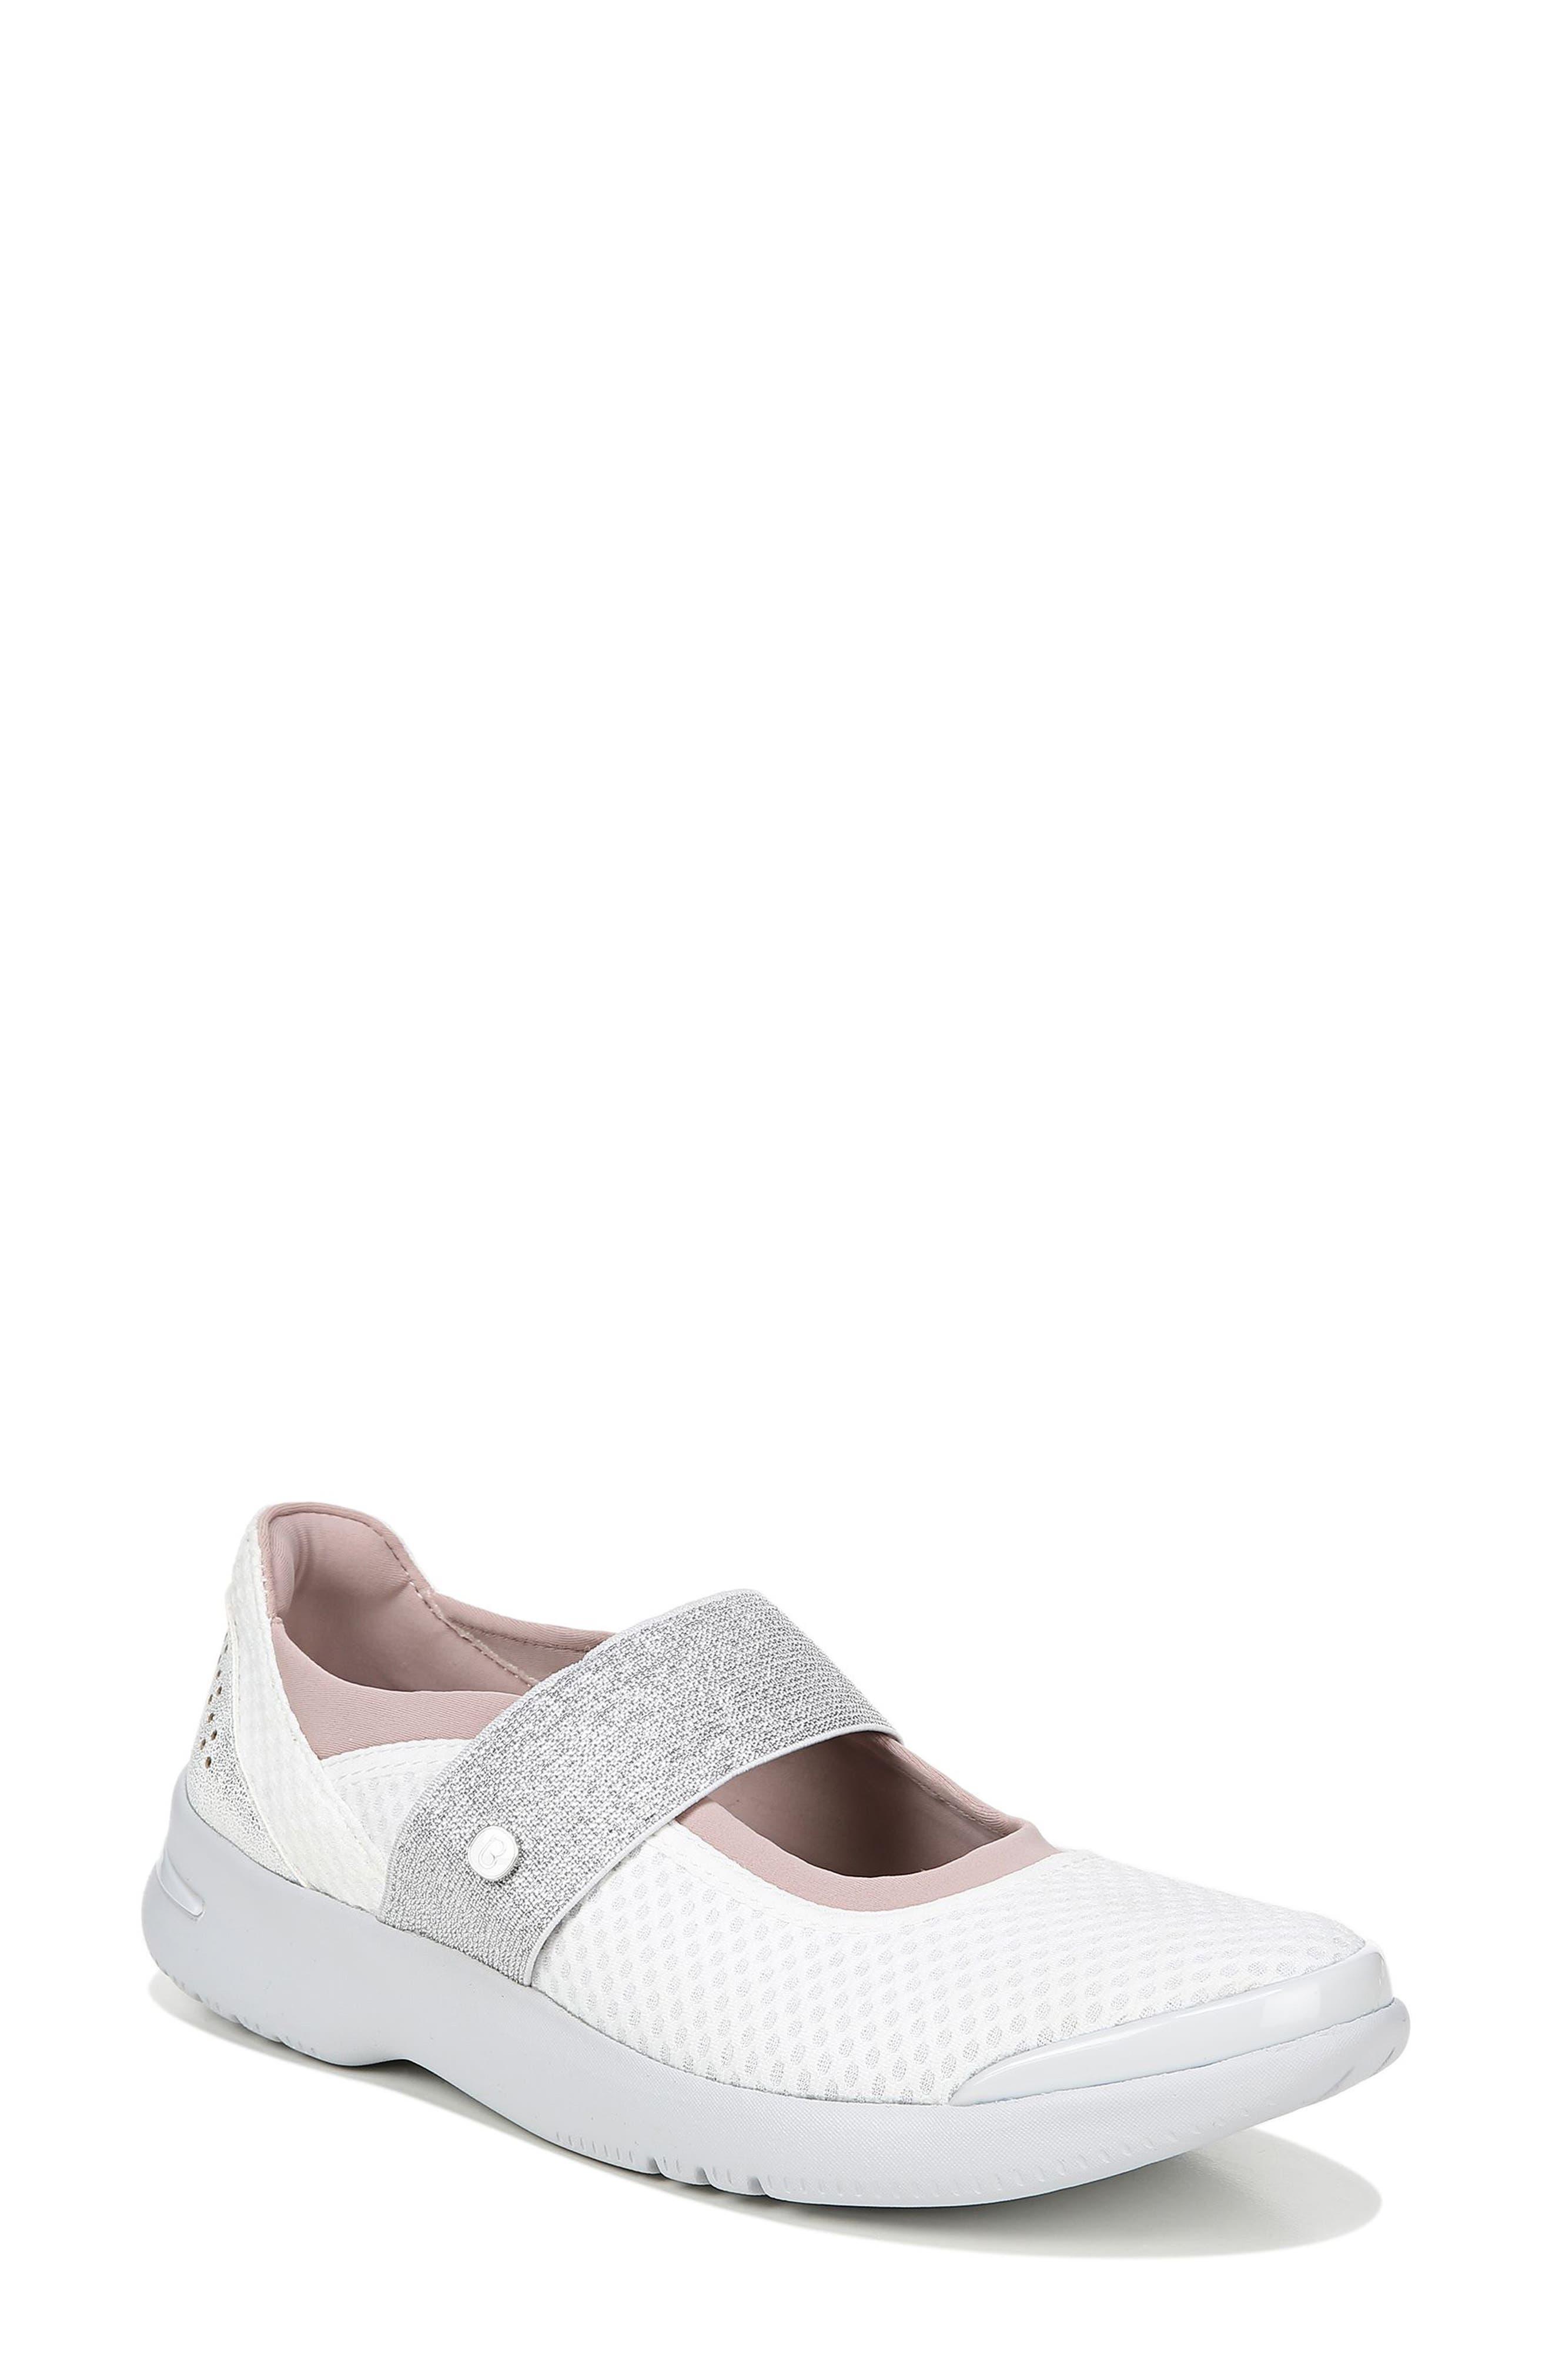 Bzees Athena Sneaker- White